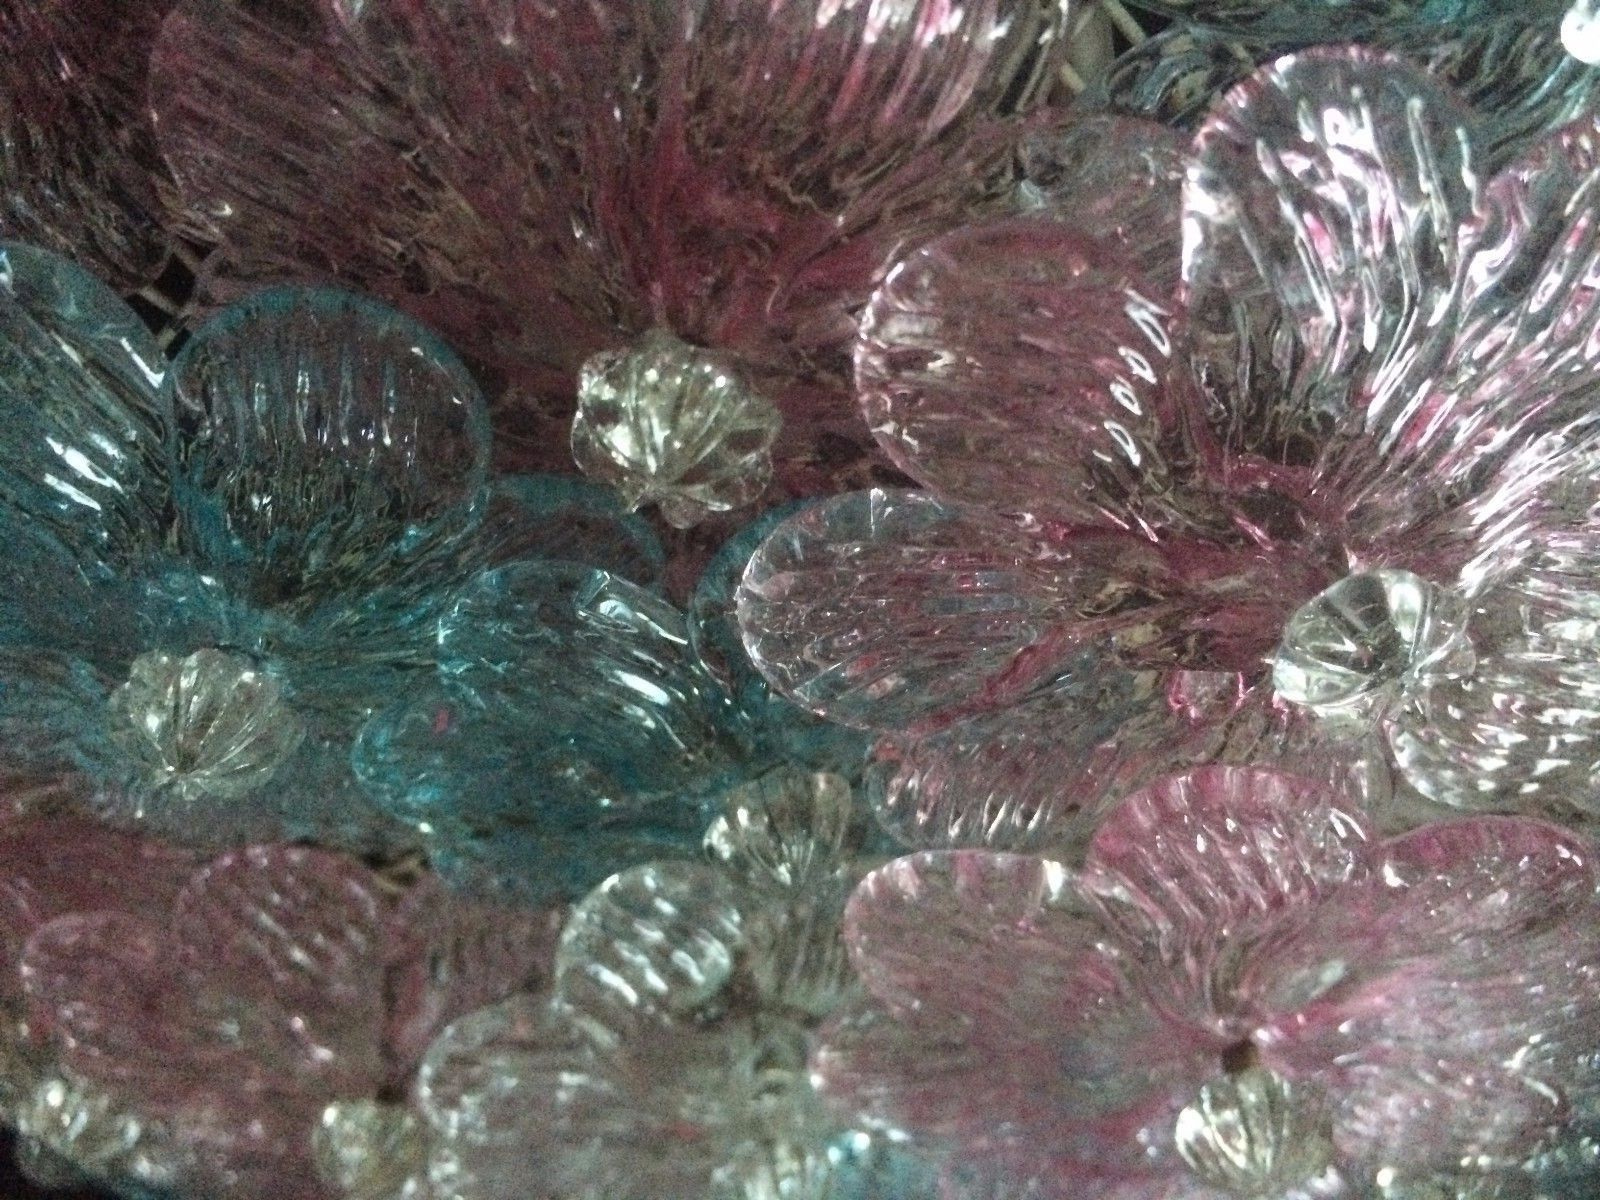 Plafoniere Con Vetro Di Murano : Fabbrica lampadari murano: roxette plafoniera in vetro di murano